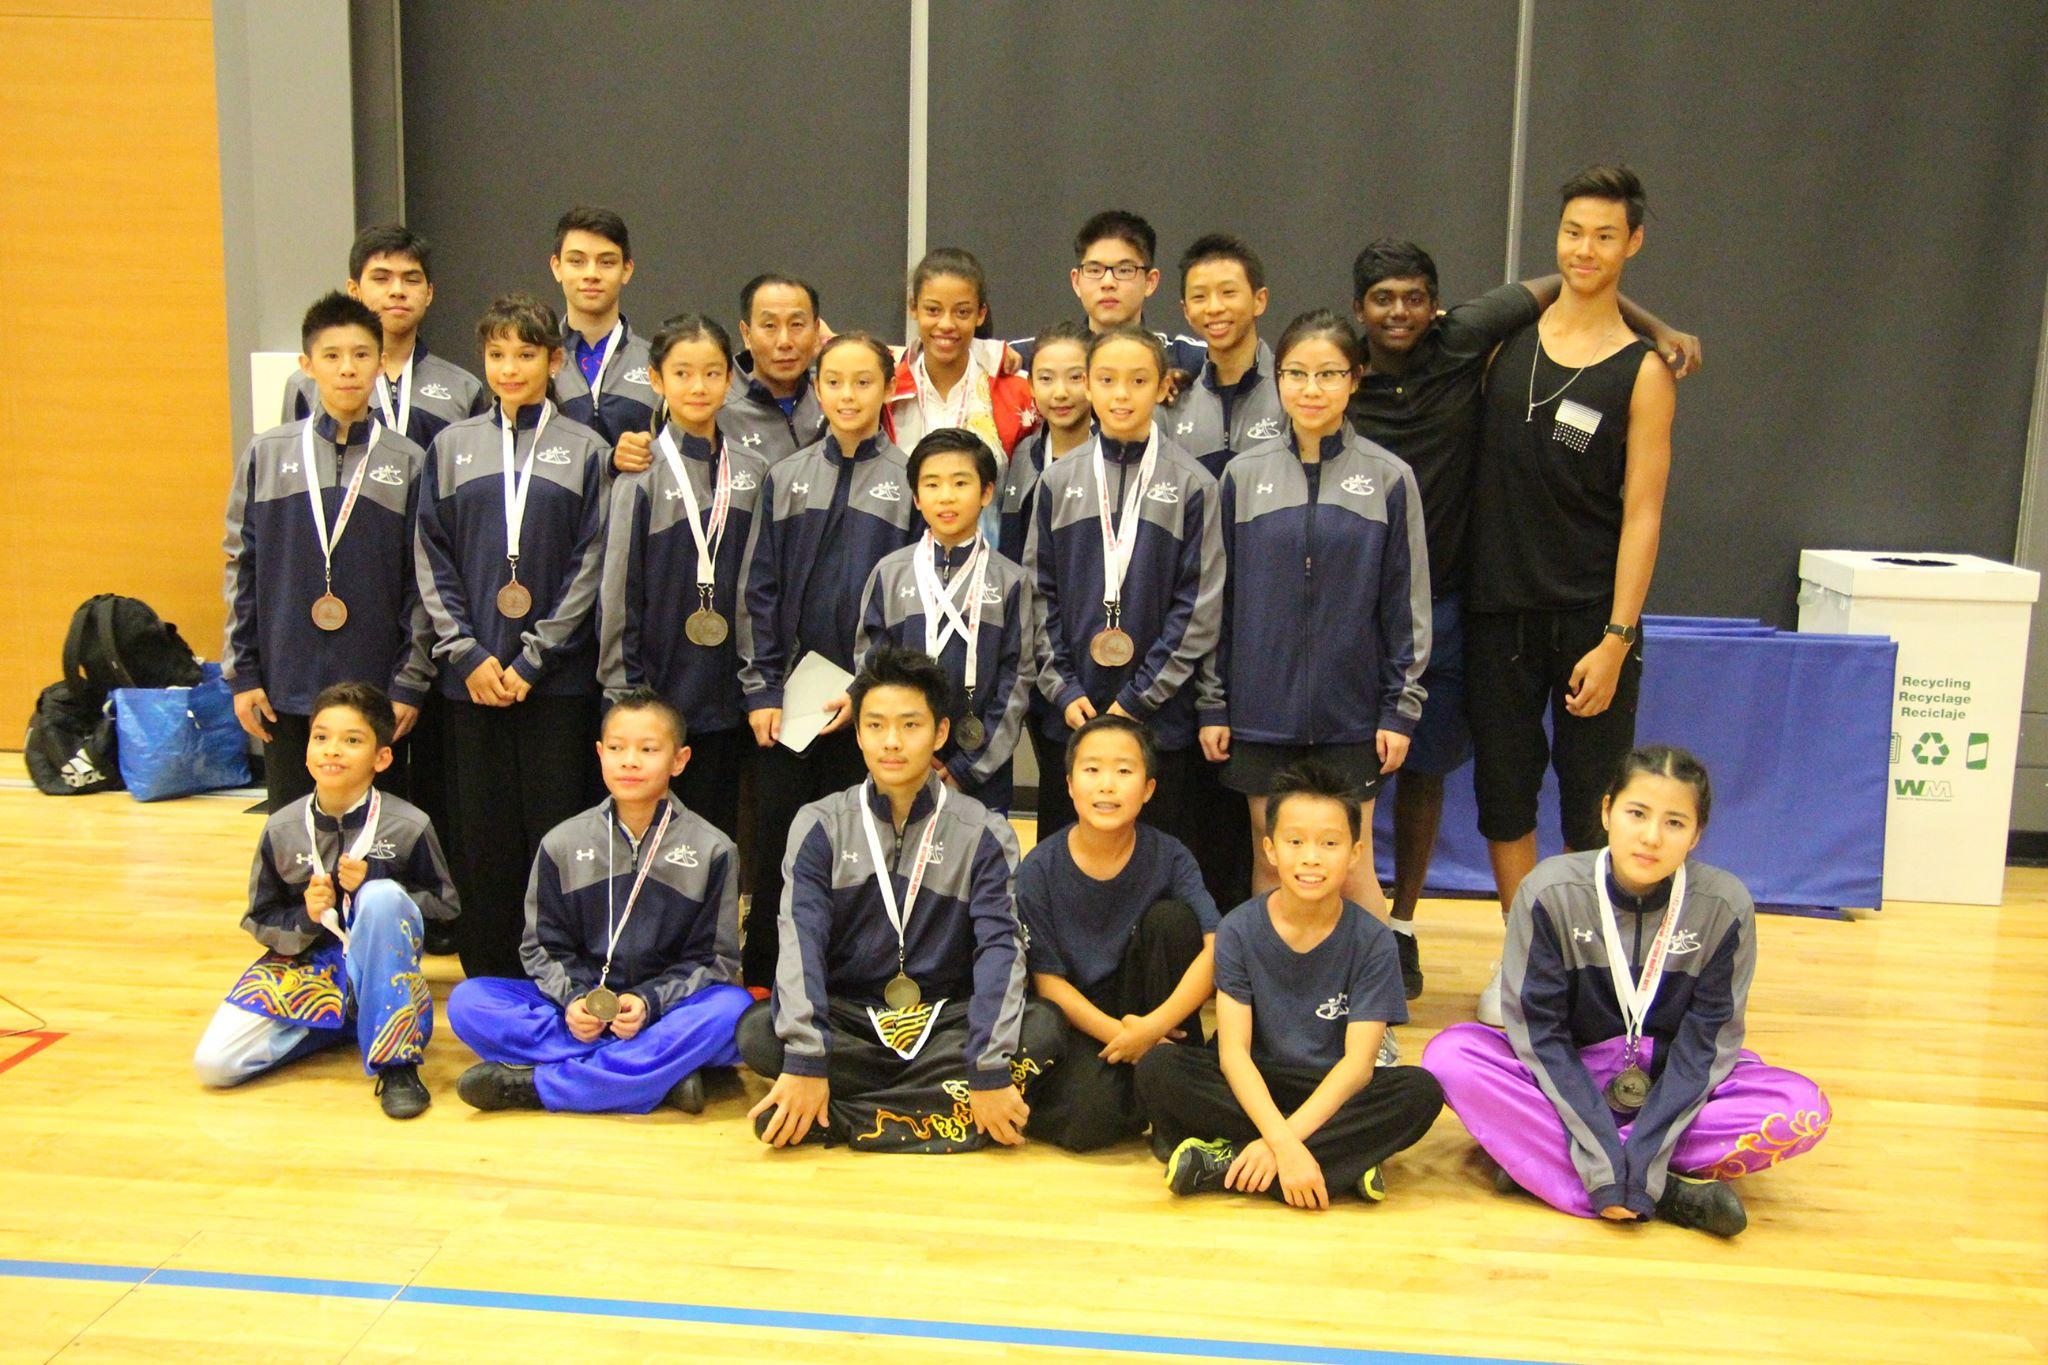 Wayland_Li_Wushu_National_Championships_Champions_2016_2.jpg